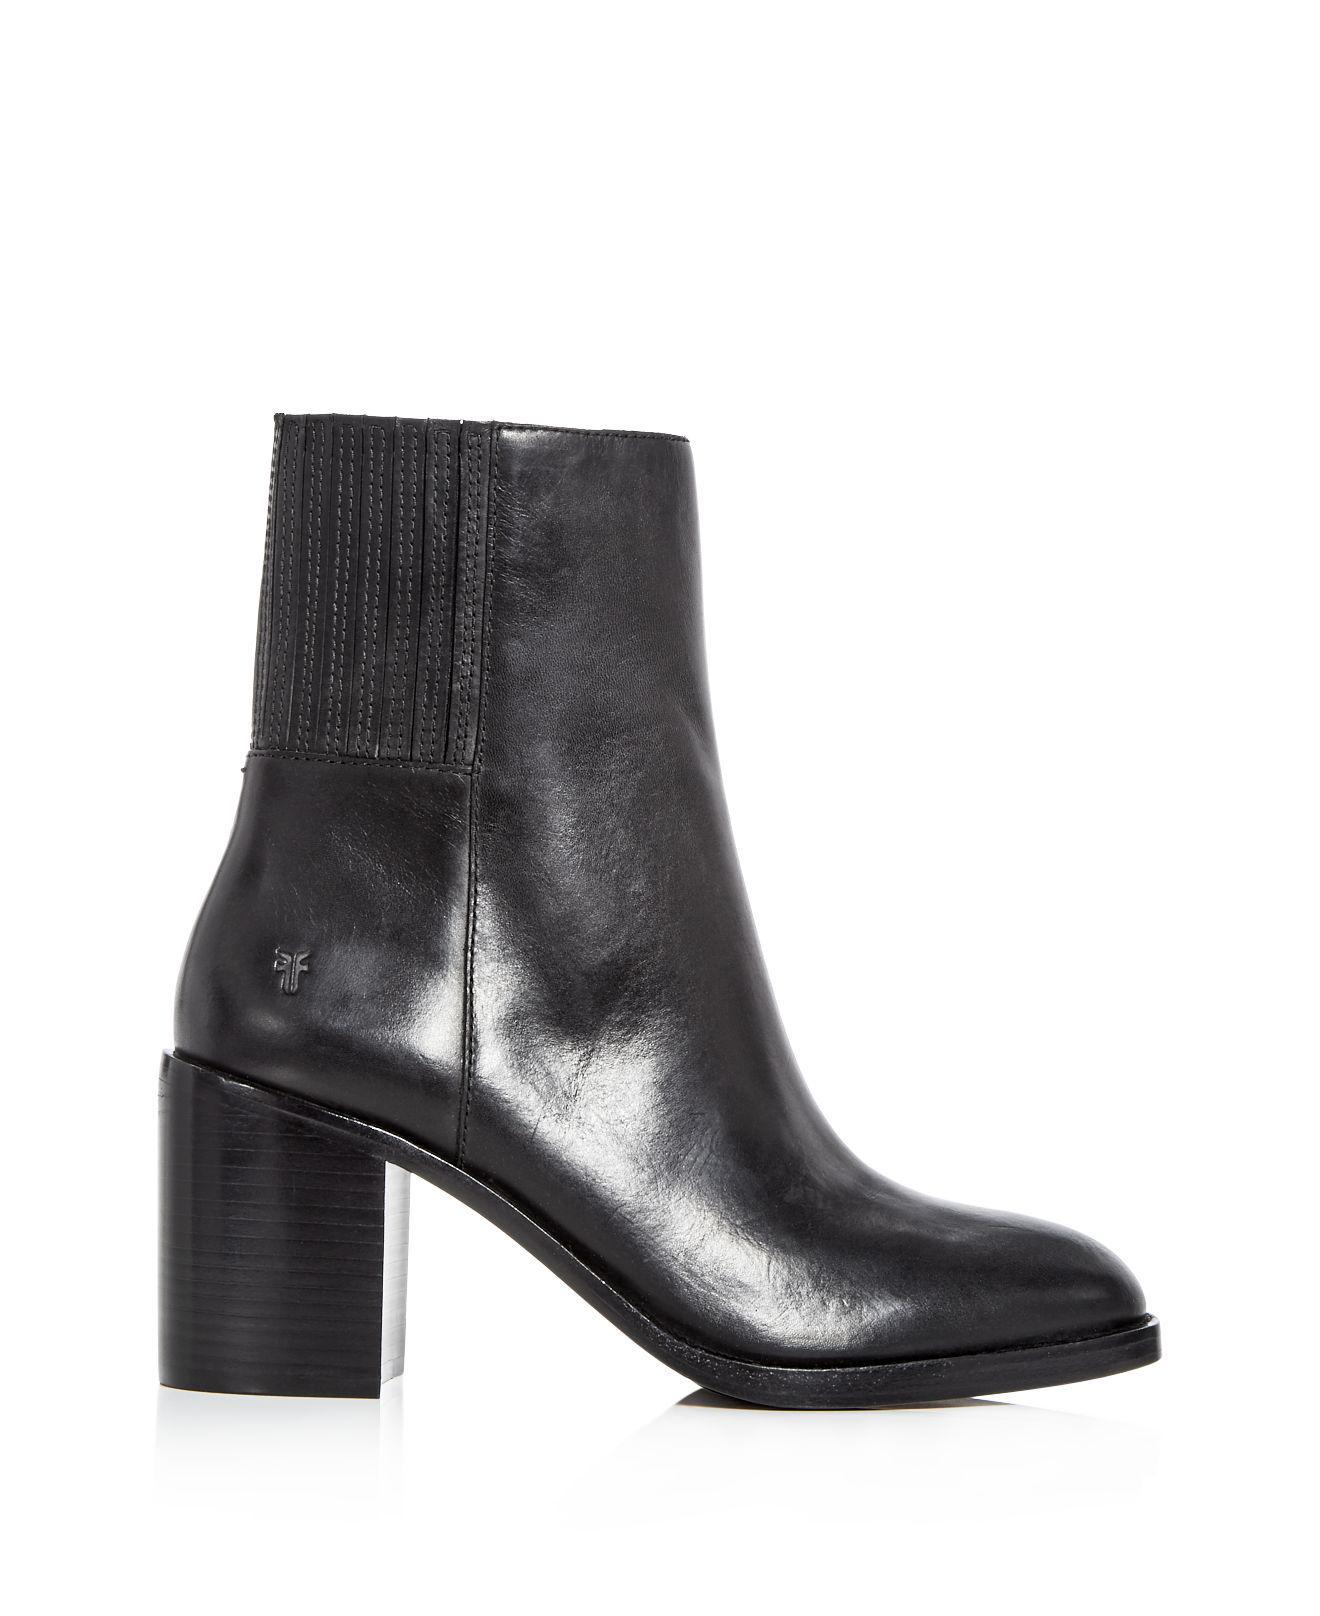 Frye Women's Pia Leather High Block Heel Booties ZMM3is4MK4